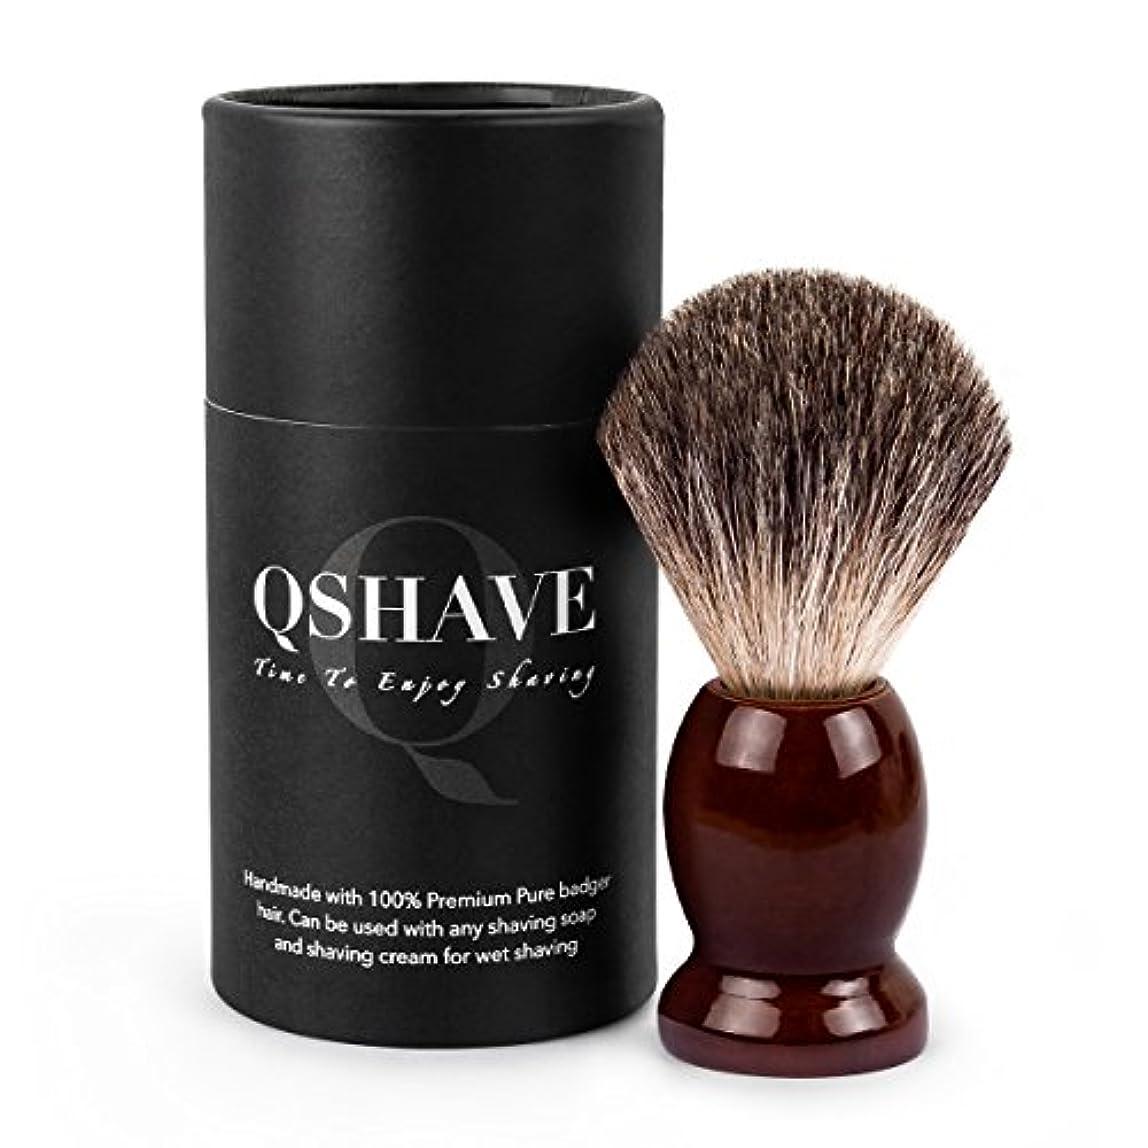 虹リード修羅場QSHAVE 100%最高級アナグマ毛オリジナルハンドメイドシェービングブラシ。木製ベース。ウェットシェービング、安全カミソリ、両刃カミソリに最適